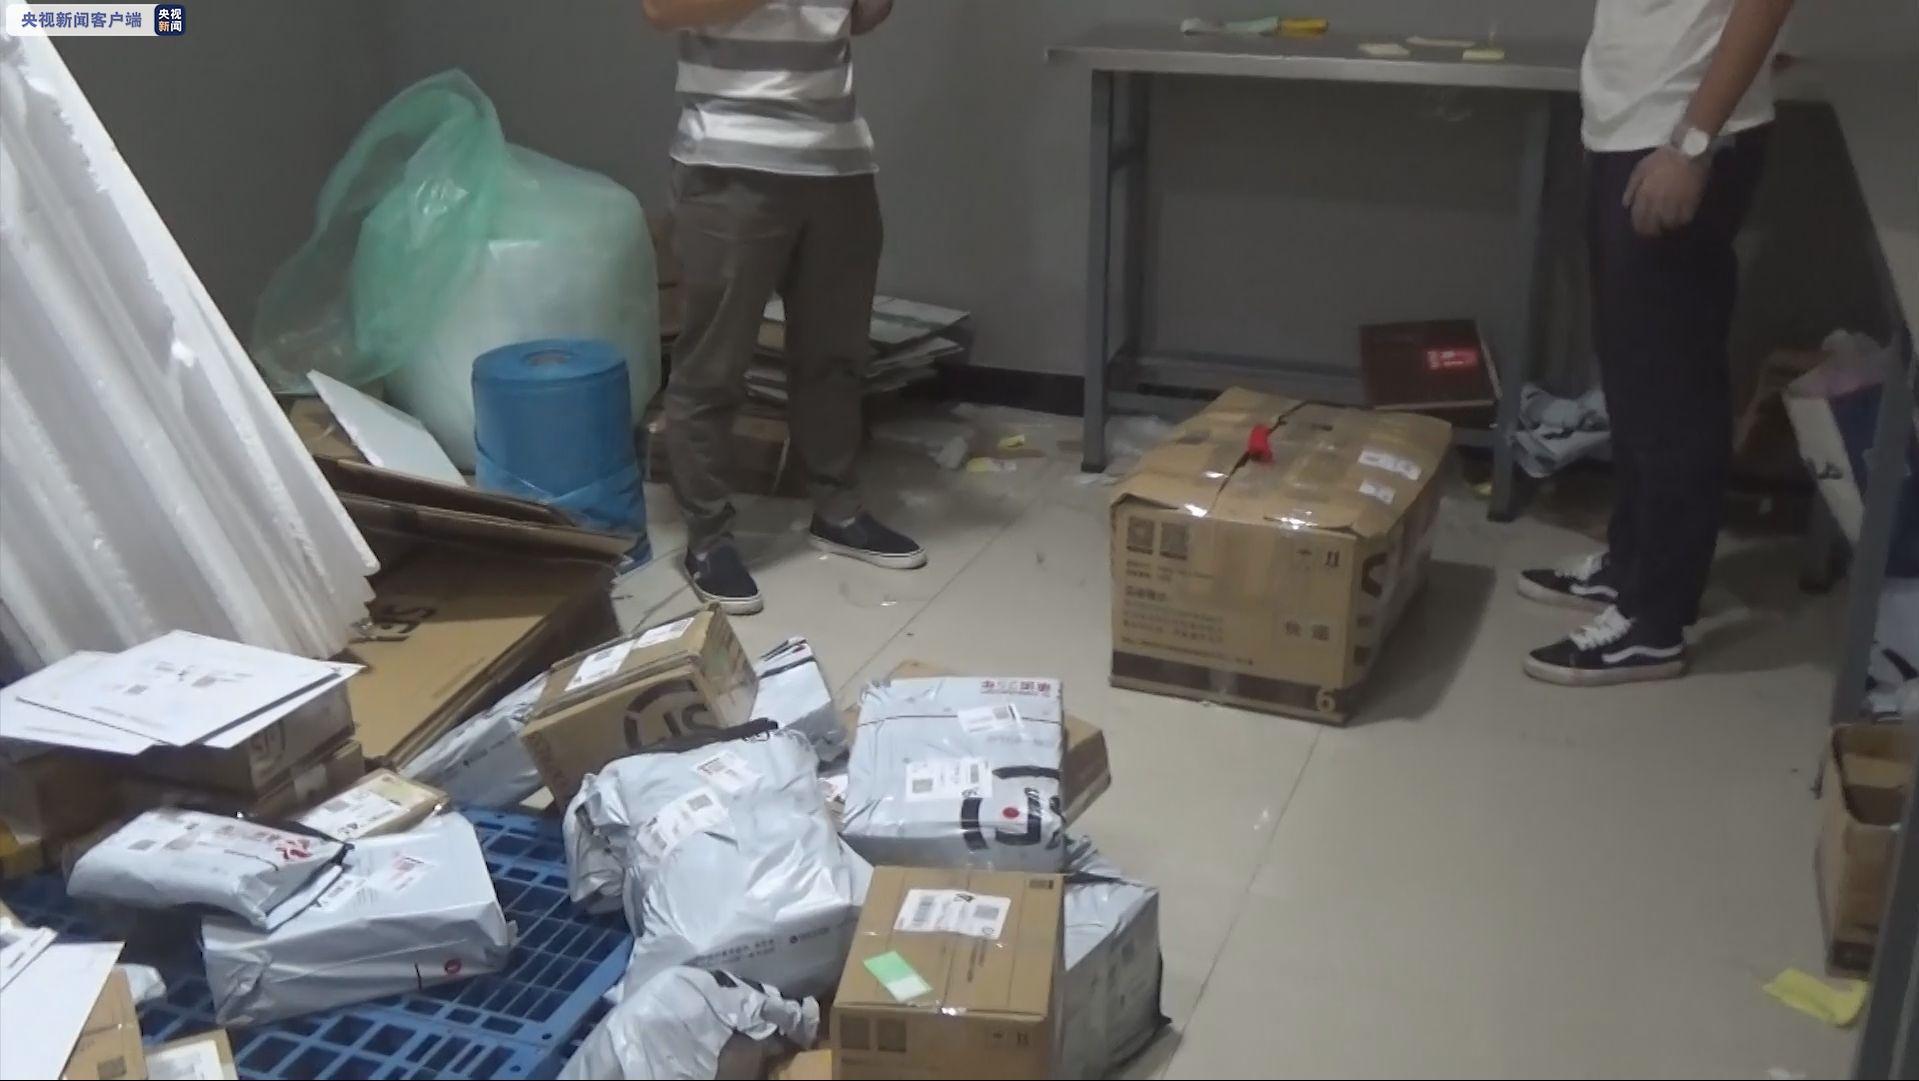 缴毒99公斤,抓获44人!云南铁路警方破获特大跨境跨区域贩毒案